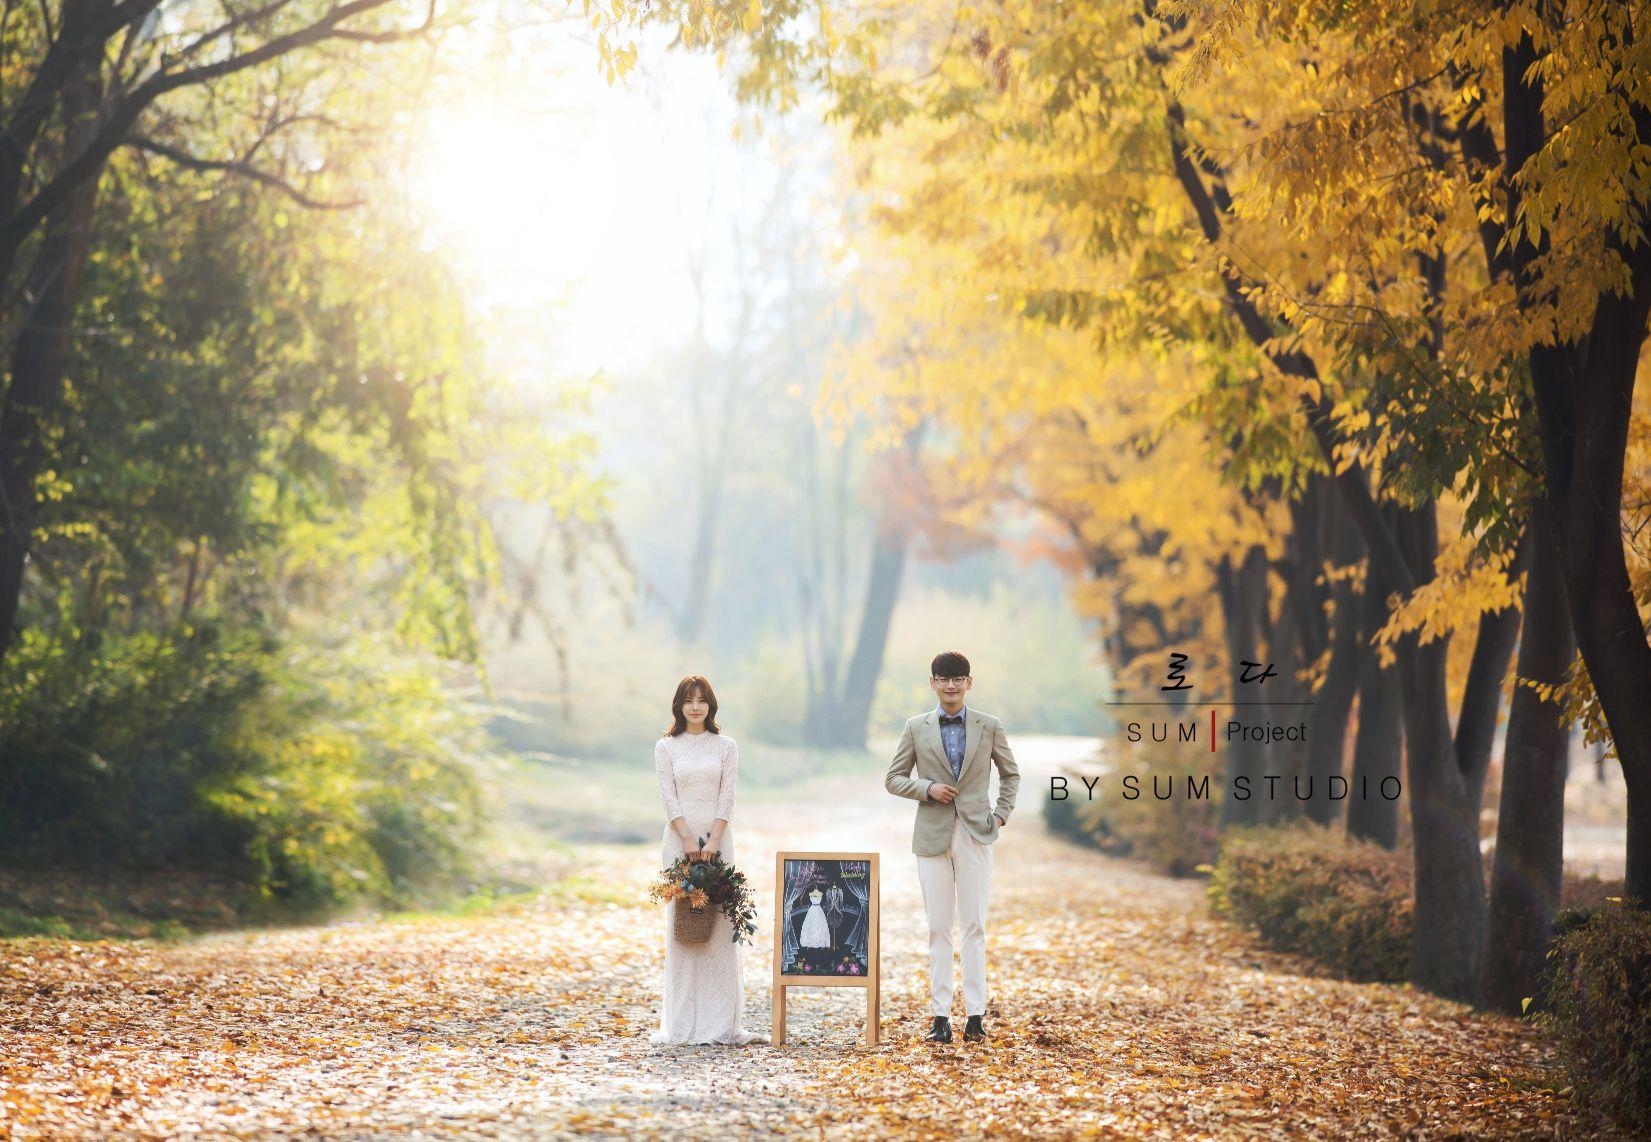 别浪费了秋季的绚烂景色 秋天婚纱照欣赏【6】